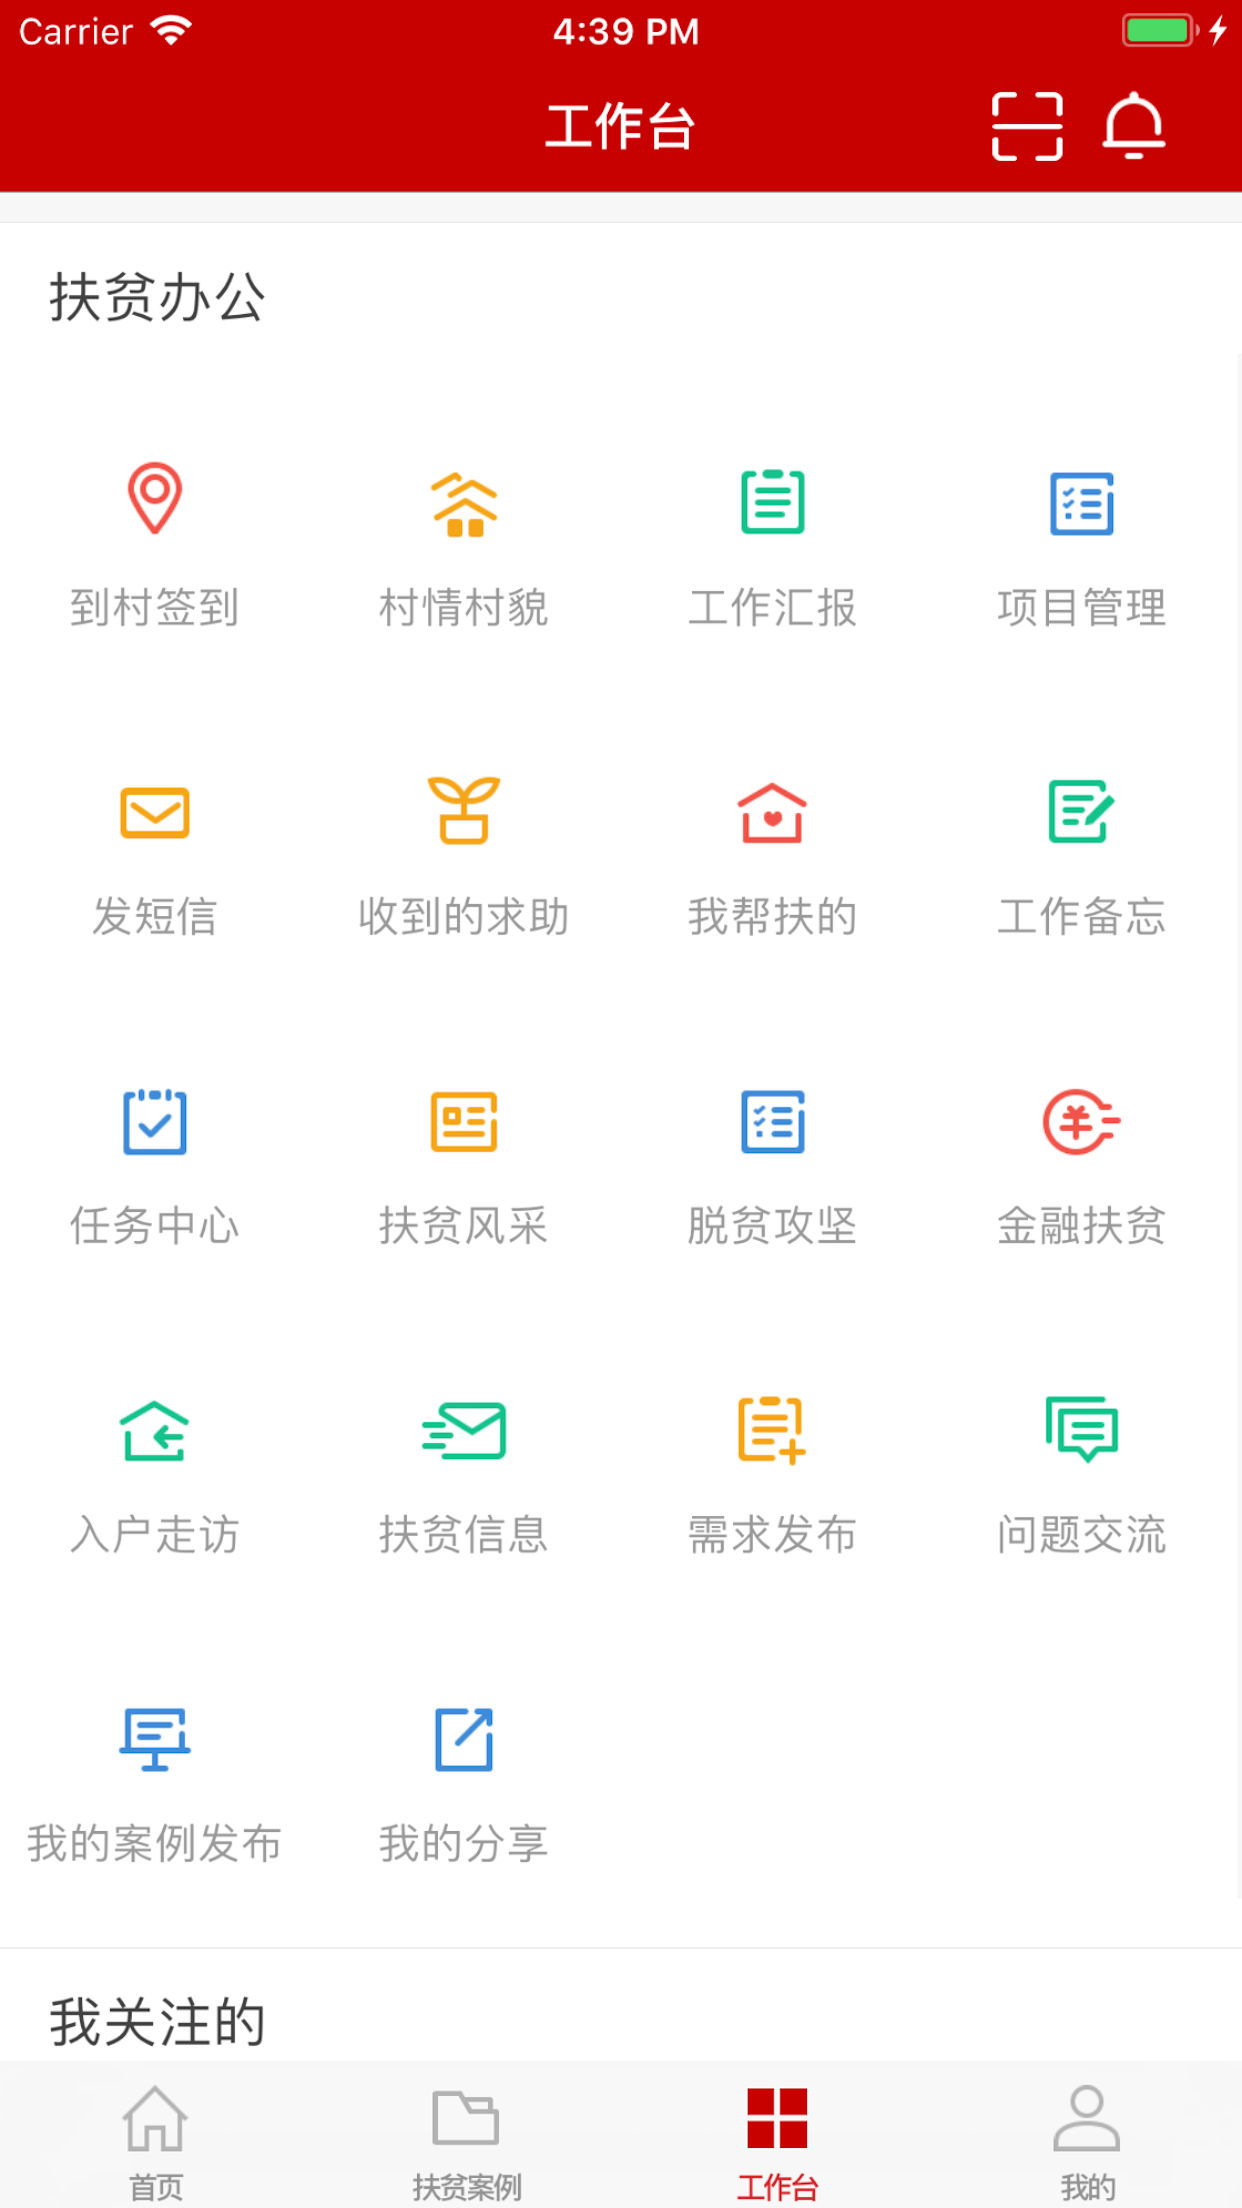 渝扶贫app下载图2: